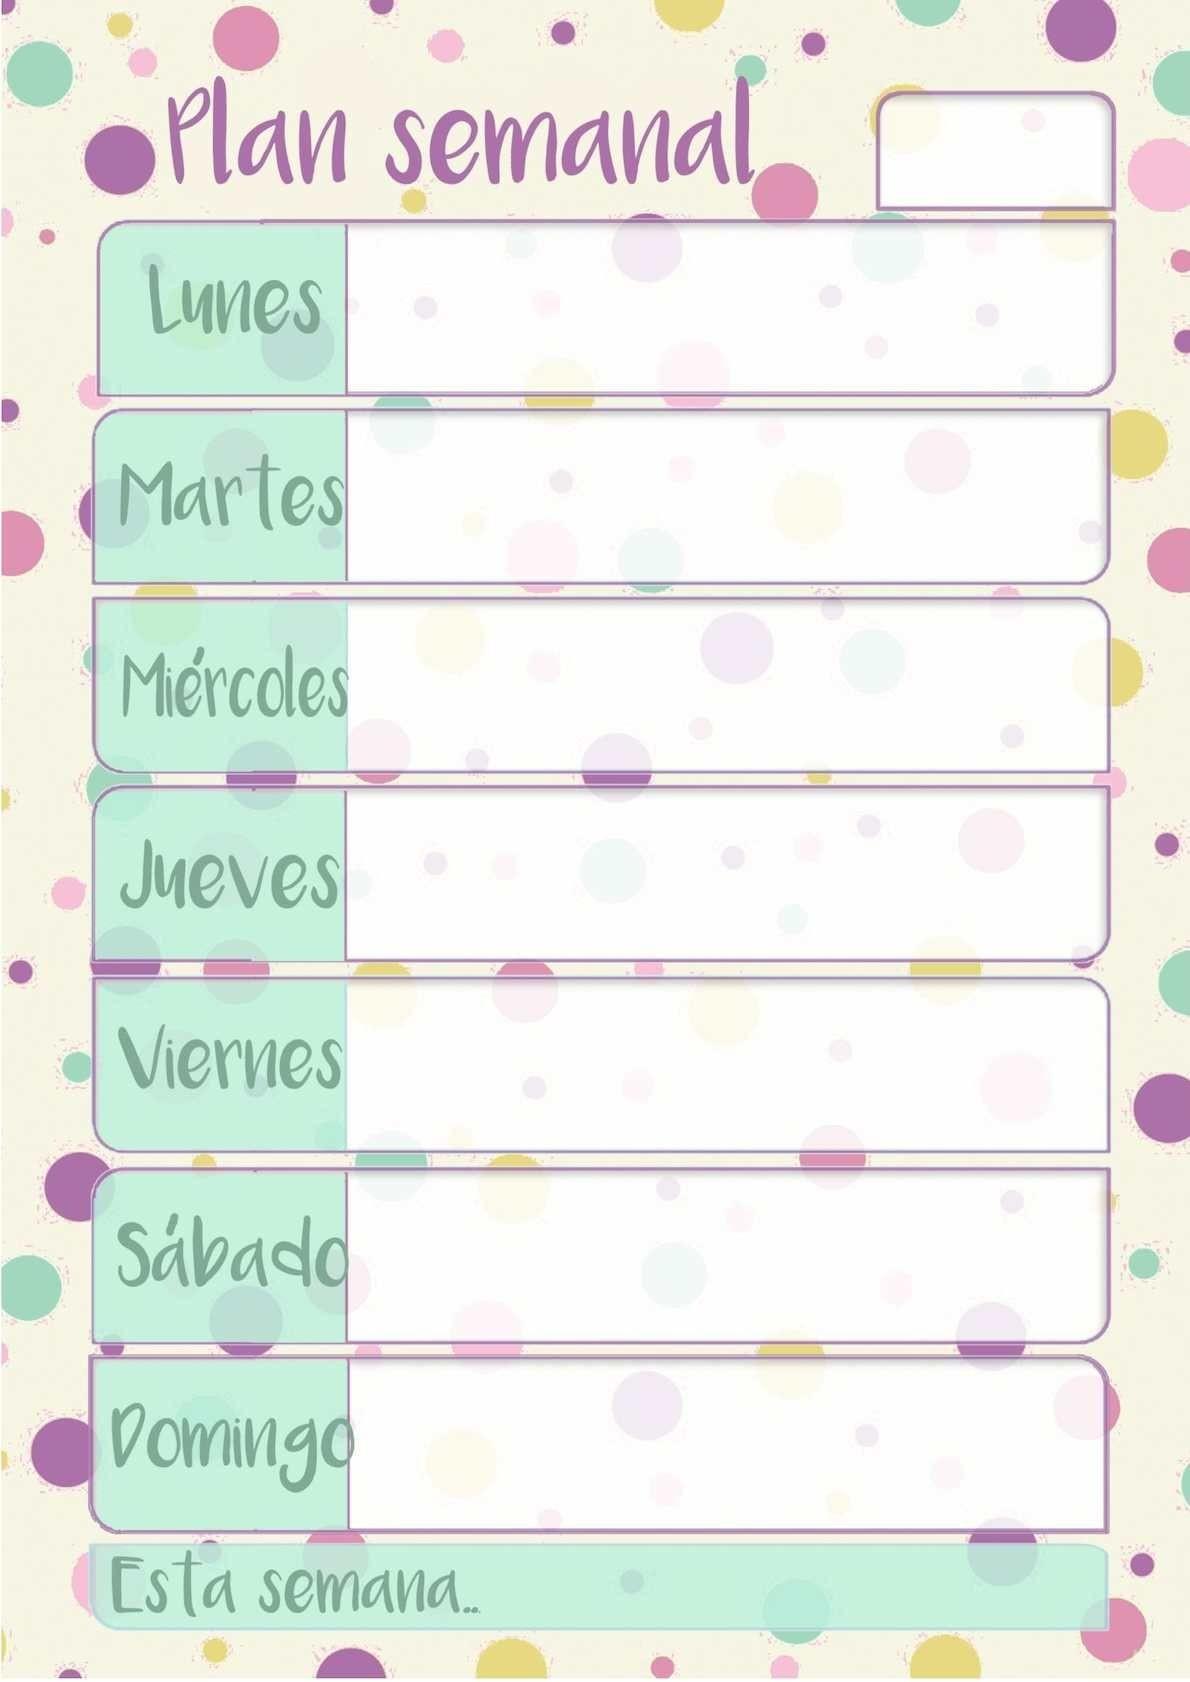 Calendario Imprimir Octubre Recientes Melani Melashi161 On Pinterest Of Calendario Imprimir Octubre Más Actual Calendario 2019 Agosto Calendario Mensual Moderno De Estilo Minimal